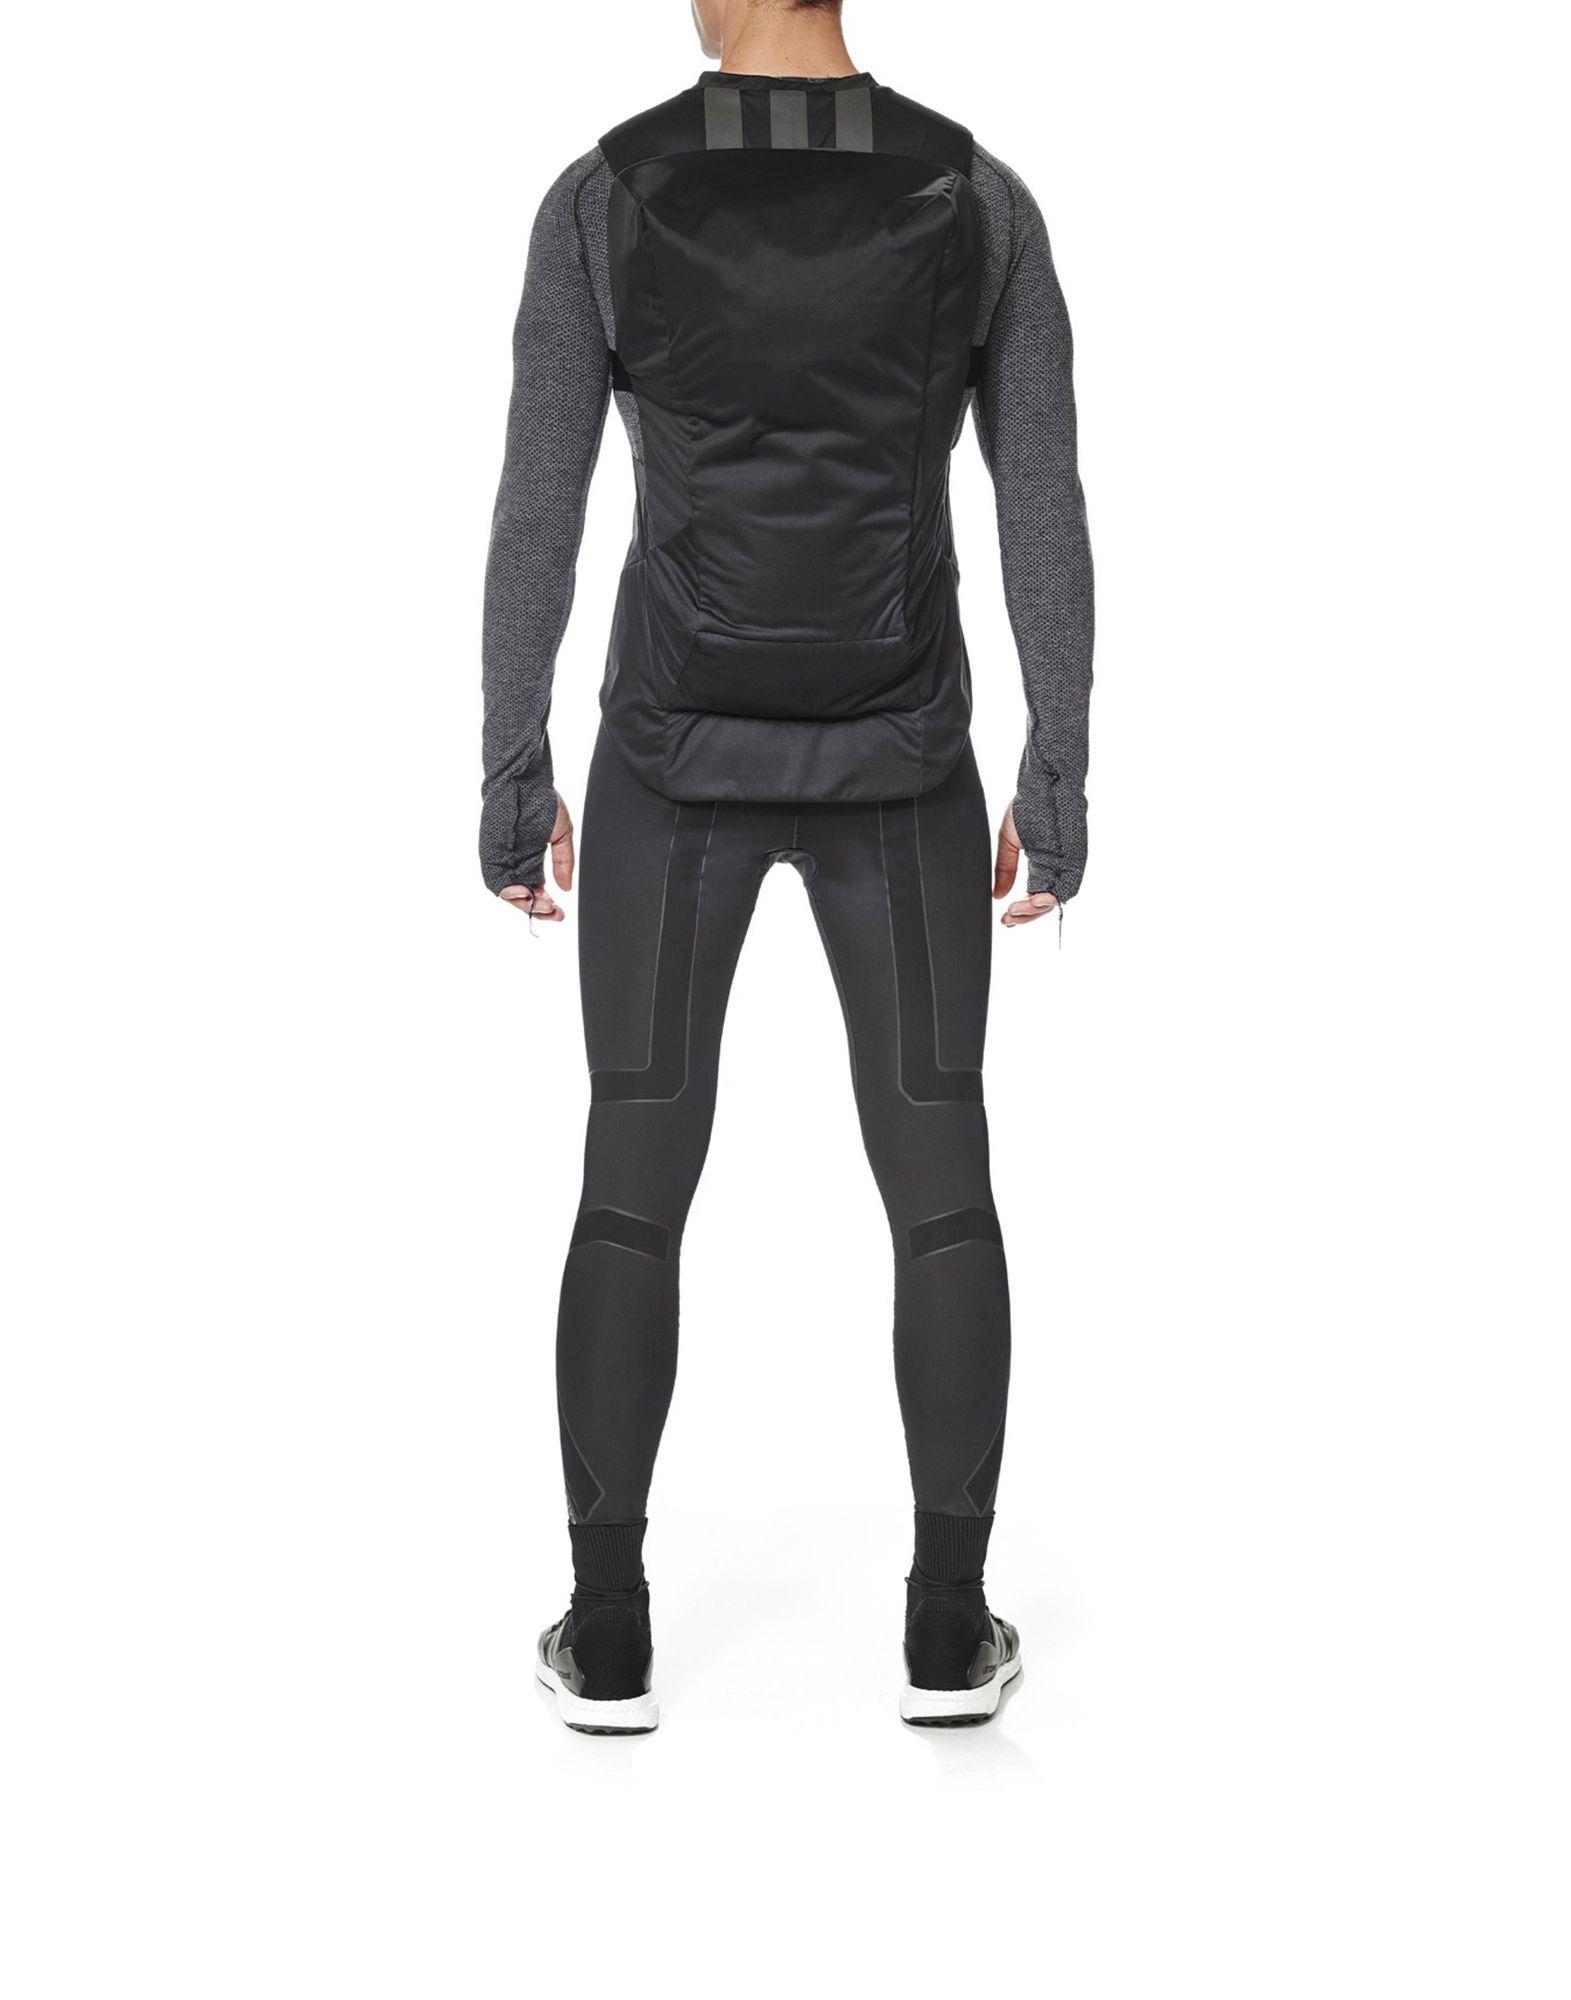 Nieuw Y 3 SPORT BACKPACKER VEST Blazers | Adidas Y-3 Official Site HB-61